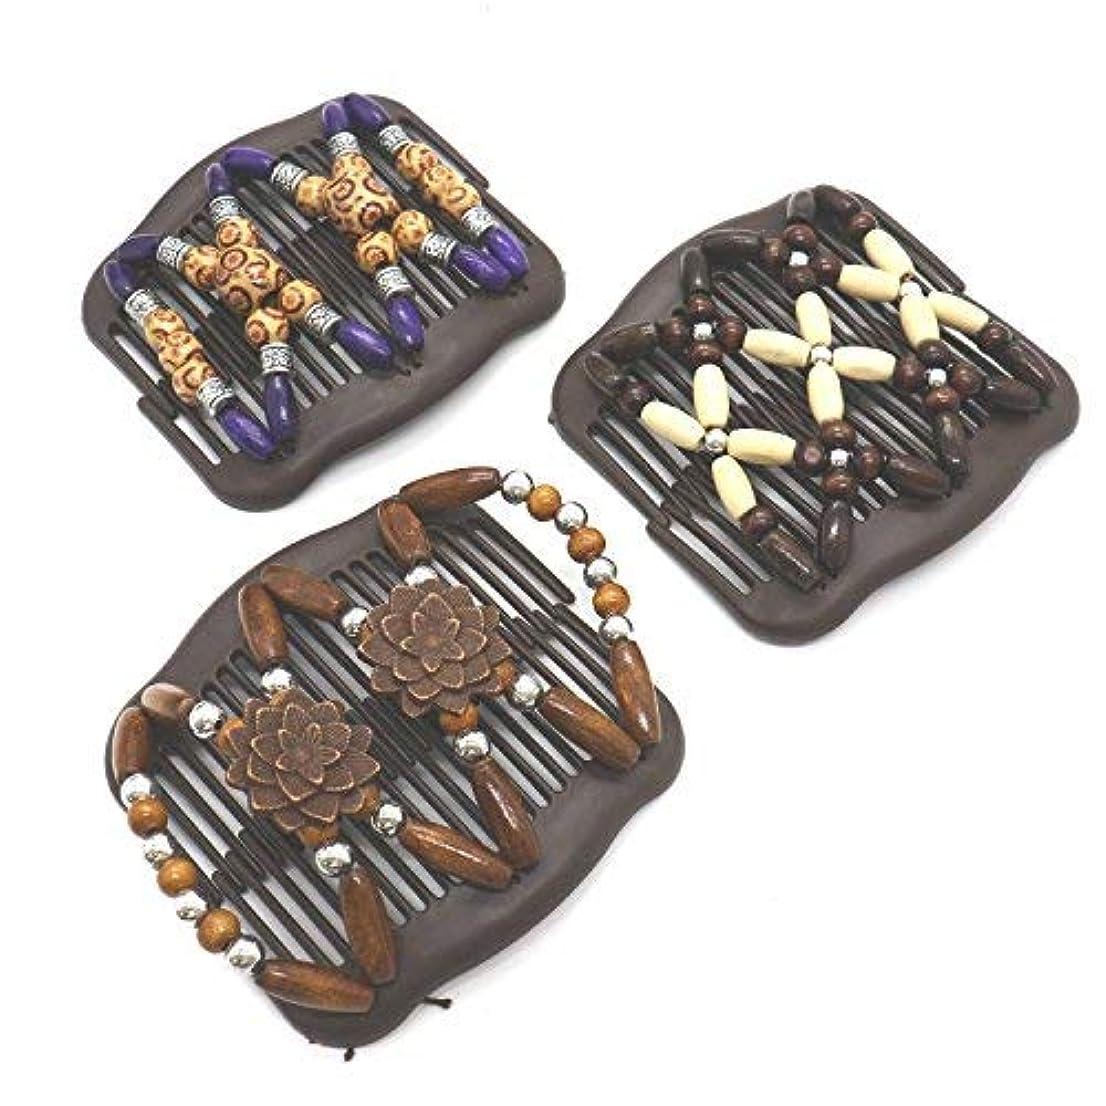 衝突コースこどもの日プロポーショナルBuorsa 3Pcs Magic Combs Wood Beaded Stretch Double Side Combs Clips Bun Maker Hair Accessories for Wowen Girls [並行輸入品]